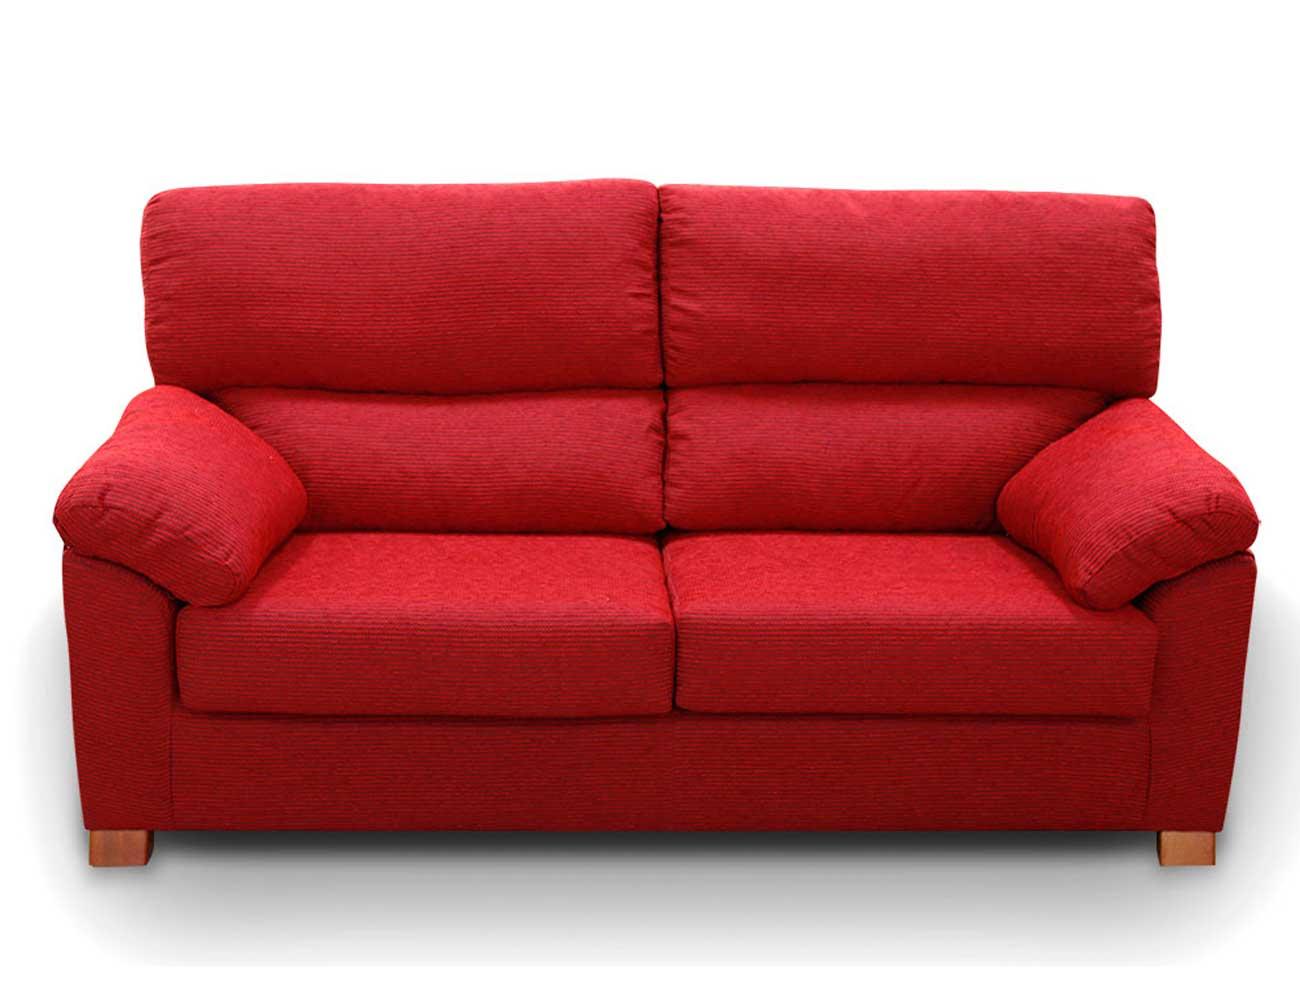 Sofa barato 3 plazas rojo7